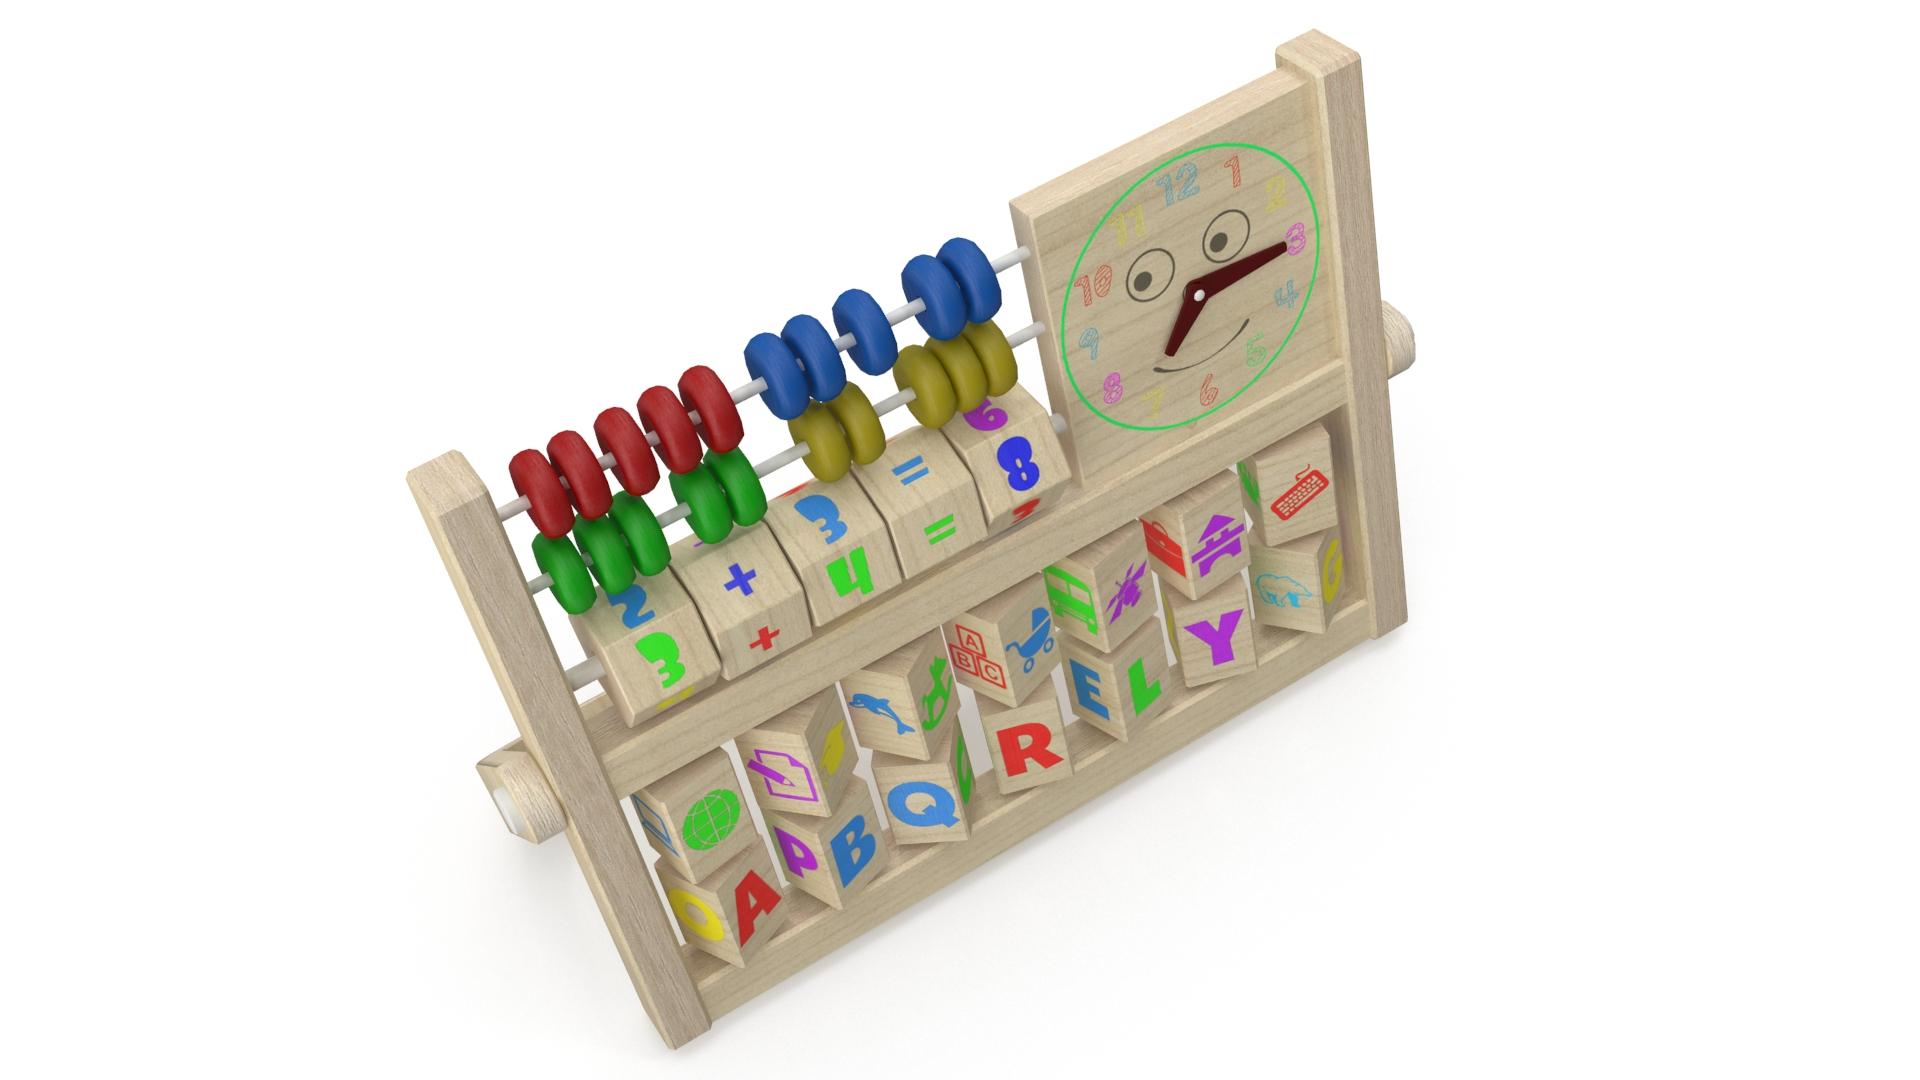 educational toy 3d model 3ds max fbx c4d obj 269321